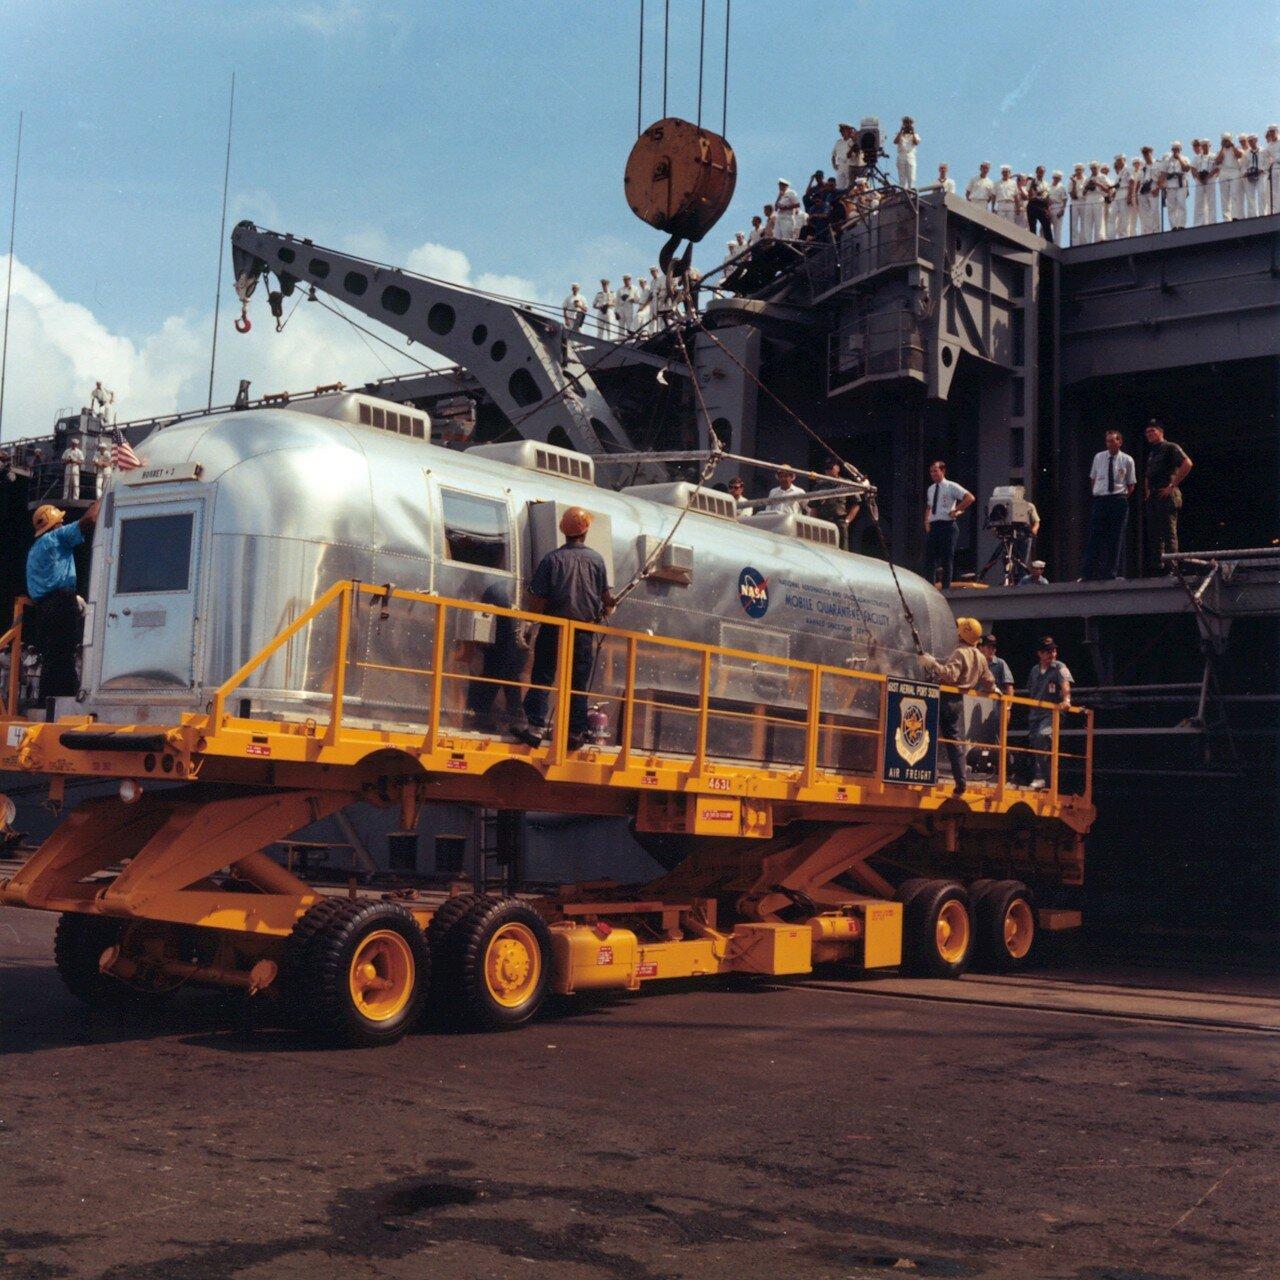 В Советском Союзе доставка астронавтов на борт авианосца «Хорнет» впервые в ходе всей миссии транслировалась по телевидению в прямом эфире по системе «Интервидения»